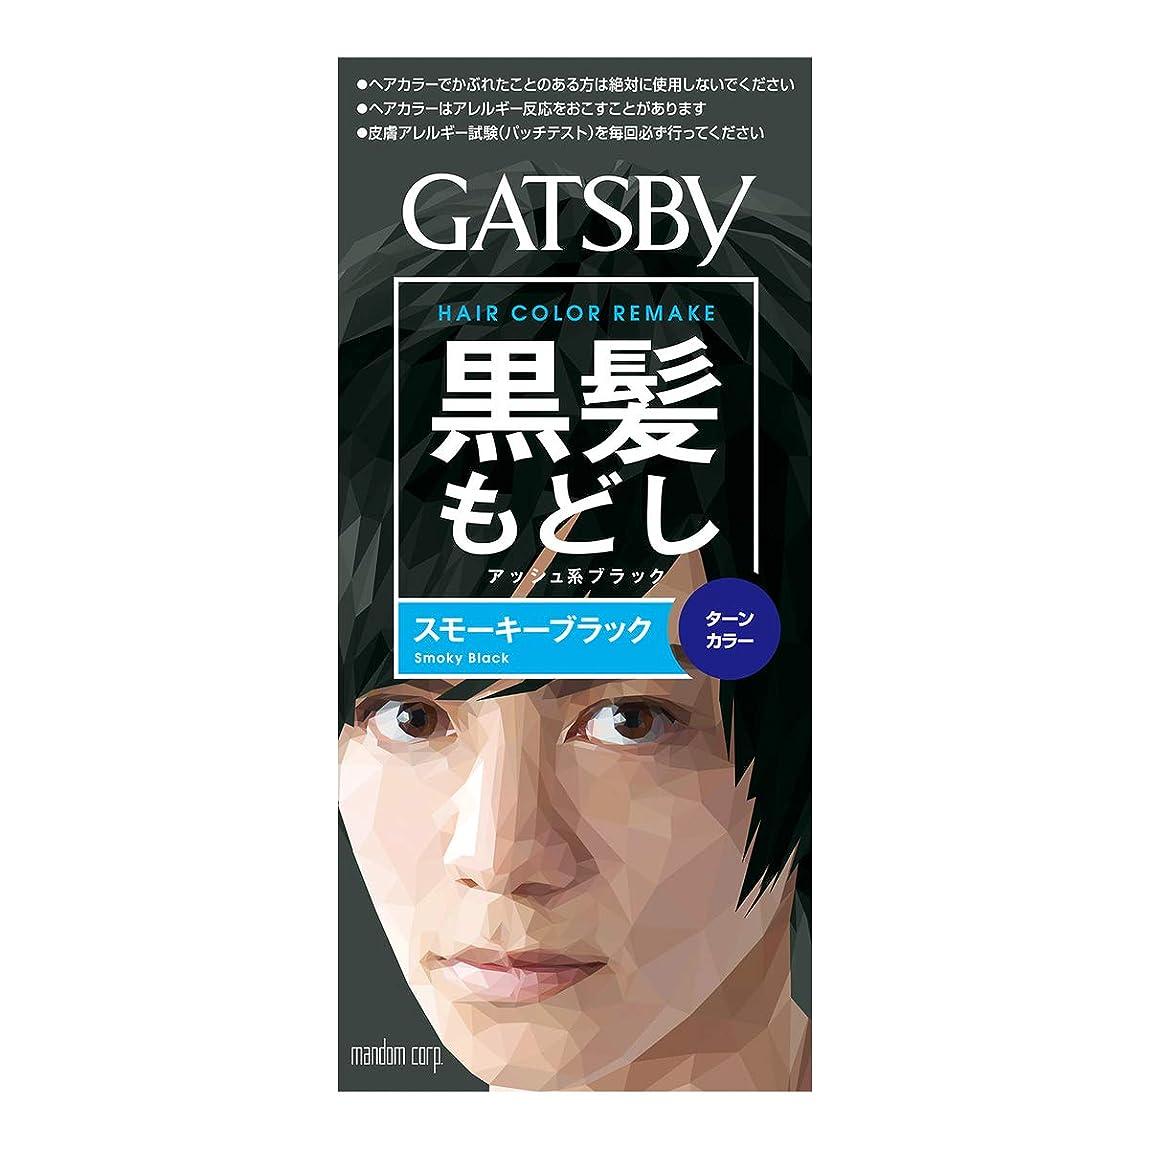 洞窟化学薬品士気ギャツビー ターンカラー スモーキーブラック【HTRC5.1】